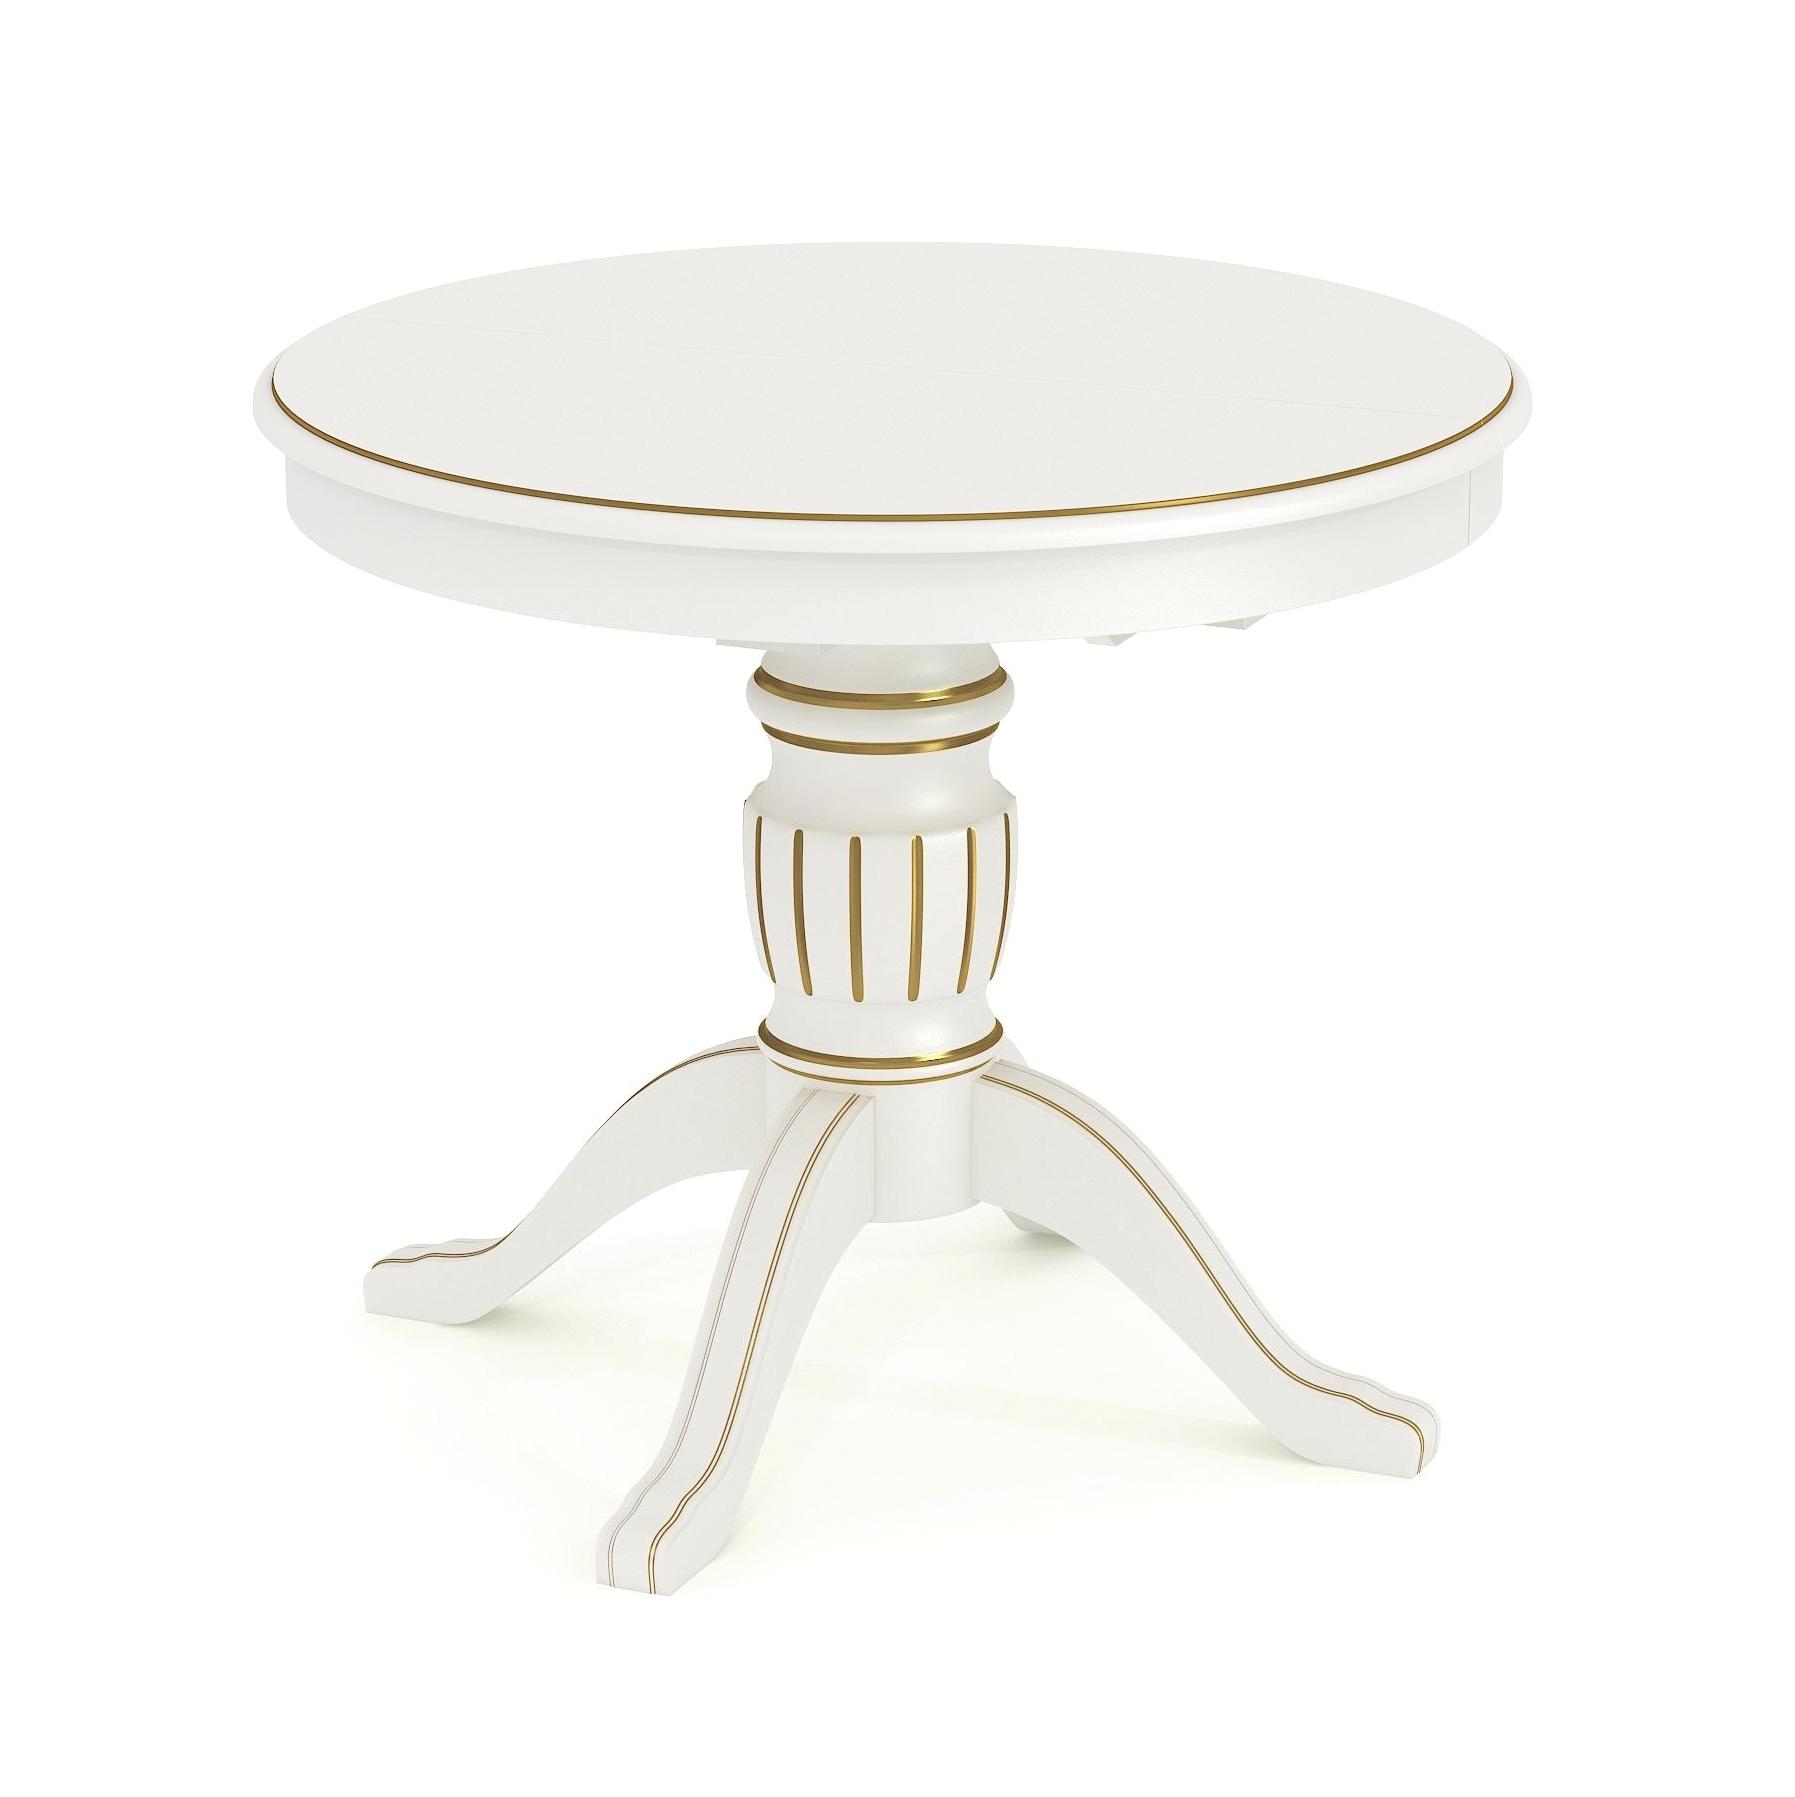 Купить стол обеденный круглый раскладной из массива Д 12 патина золото